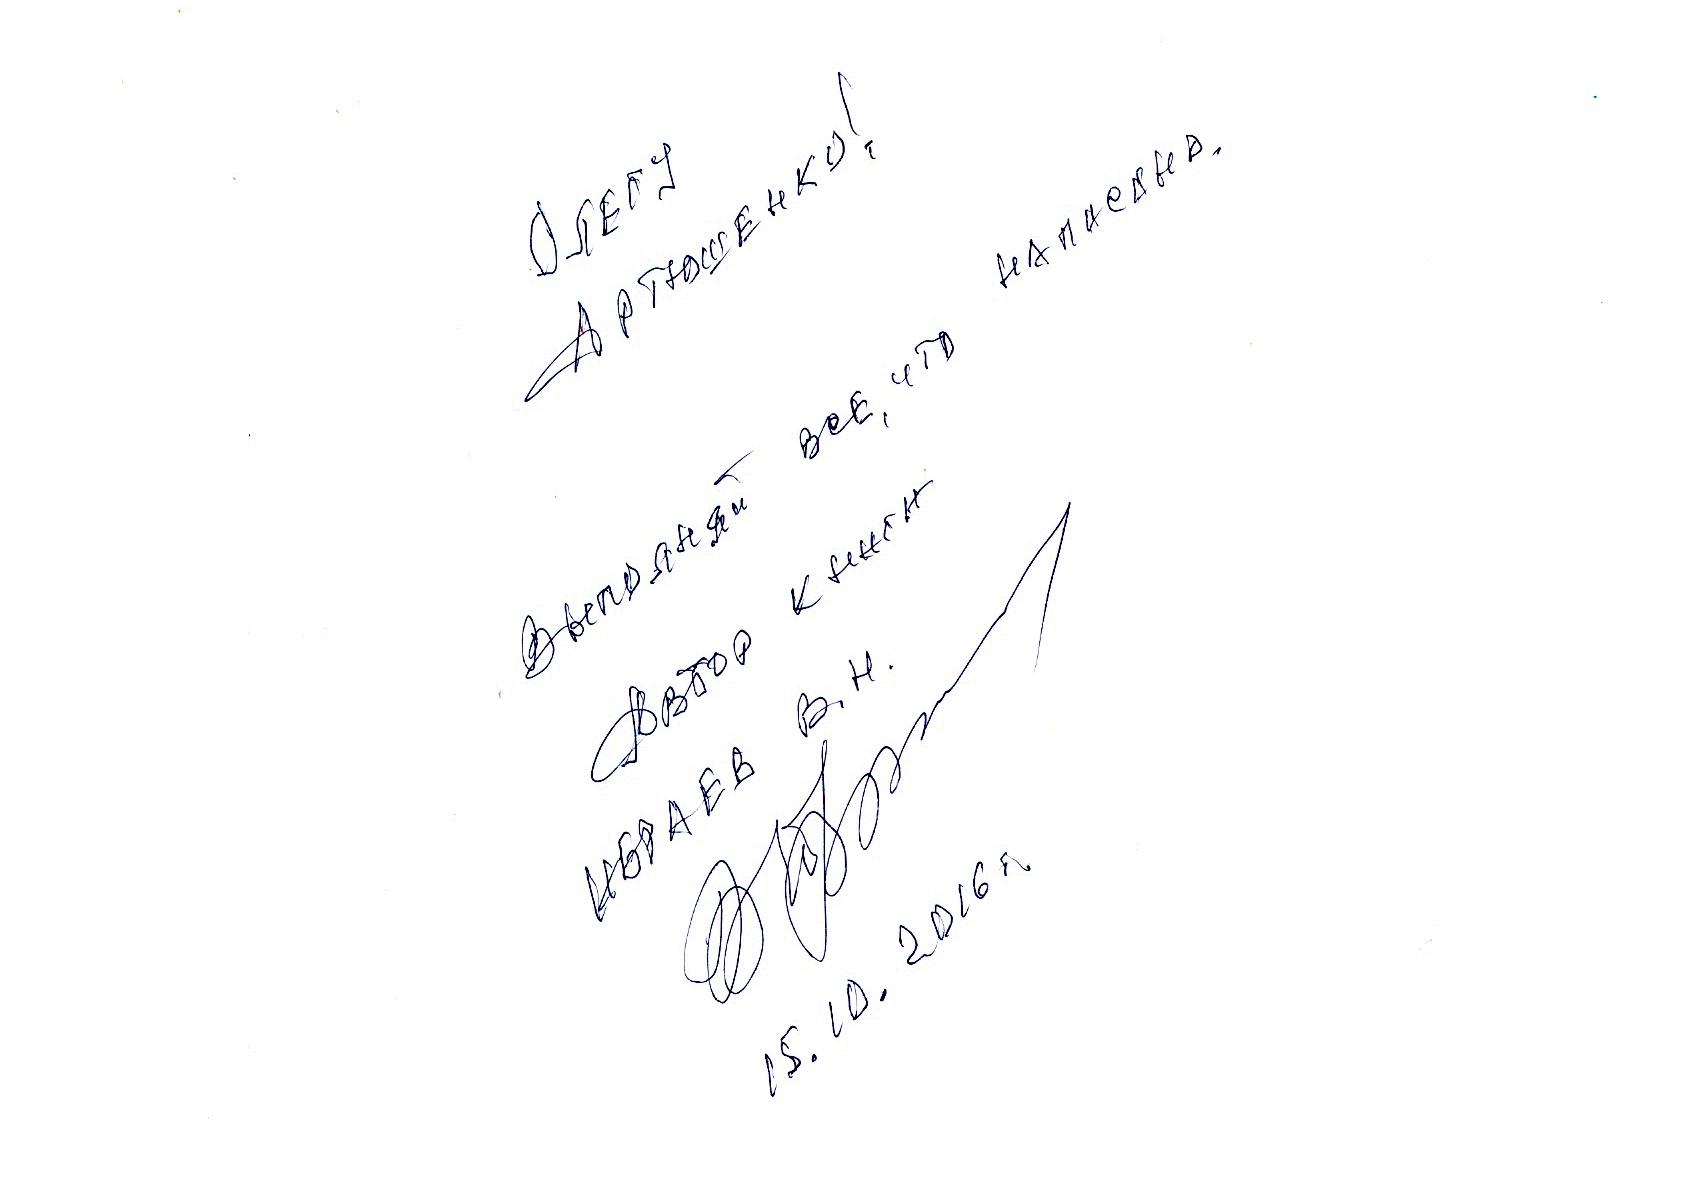 kniga-v-n-ibraeva-skorpion0004